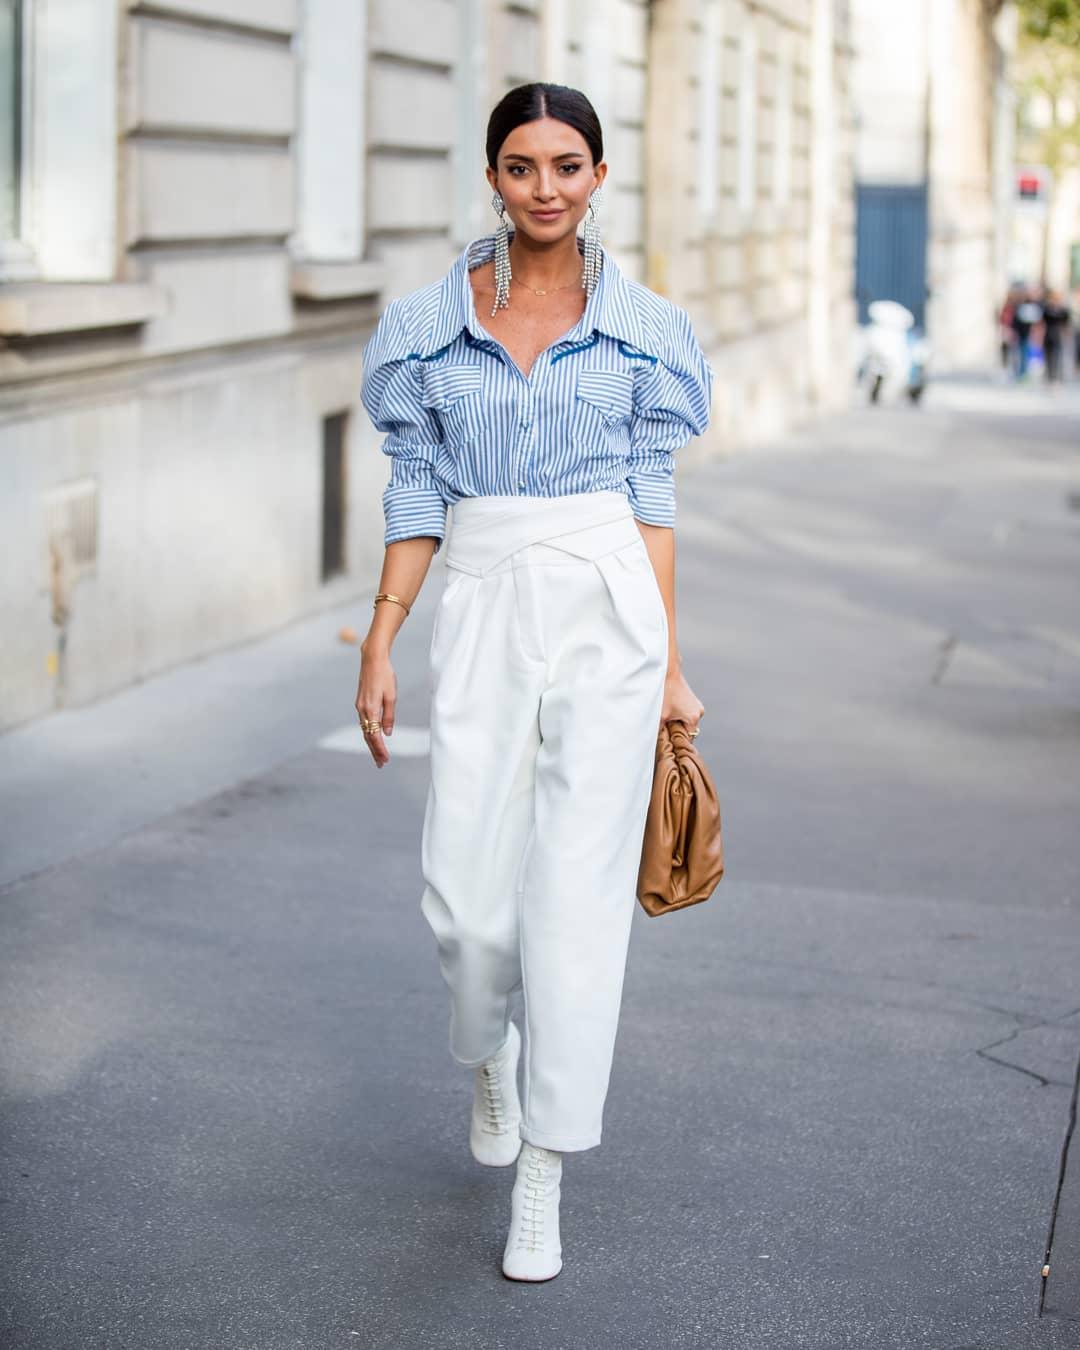 Бял и разкроен: как да носим летния must-have панталон